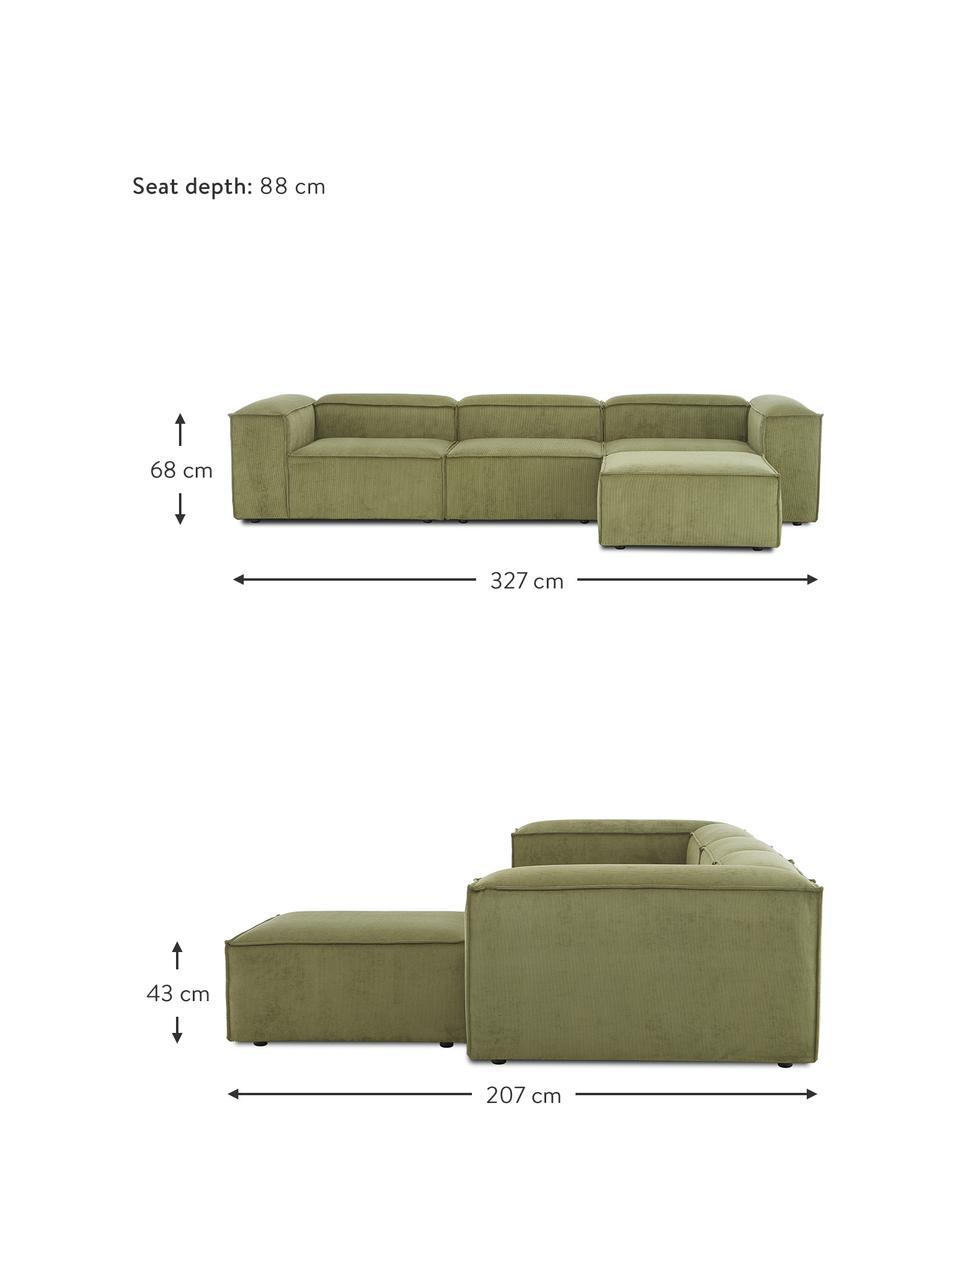 Narożna sofa modułowa ze sztruksu z pufem Lennon (4-osobowa), Tapicerka: sztruks (92% poliester, 8, Stelaż: lite drewno sosnowe, skle, Nogi: tworzywo sztuczne Nogi zn, Sztruksowy zielony, S 327 x G 207 cm